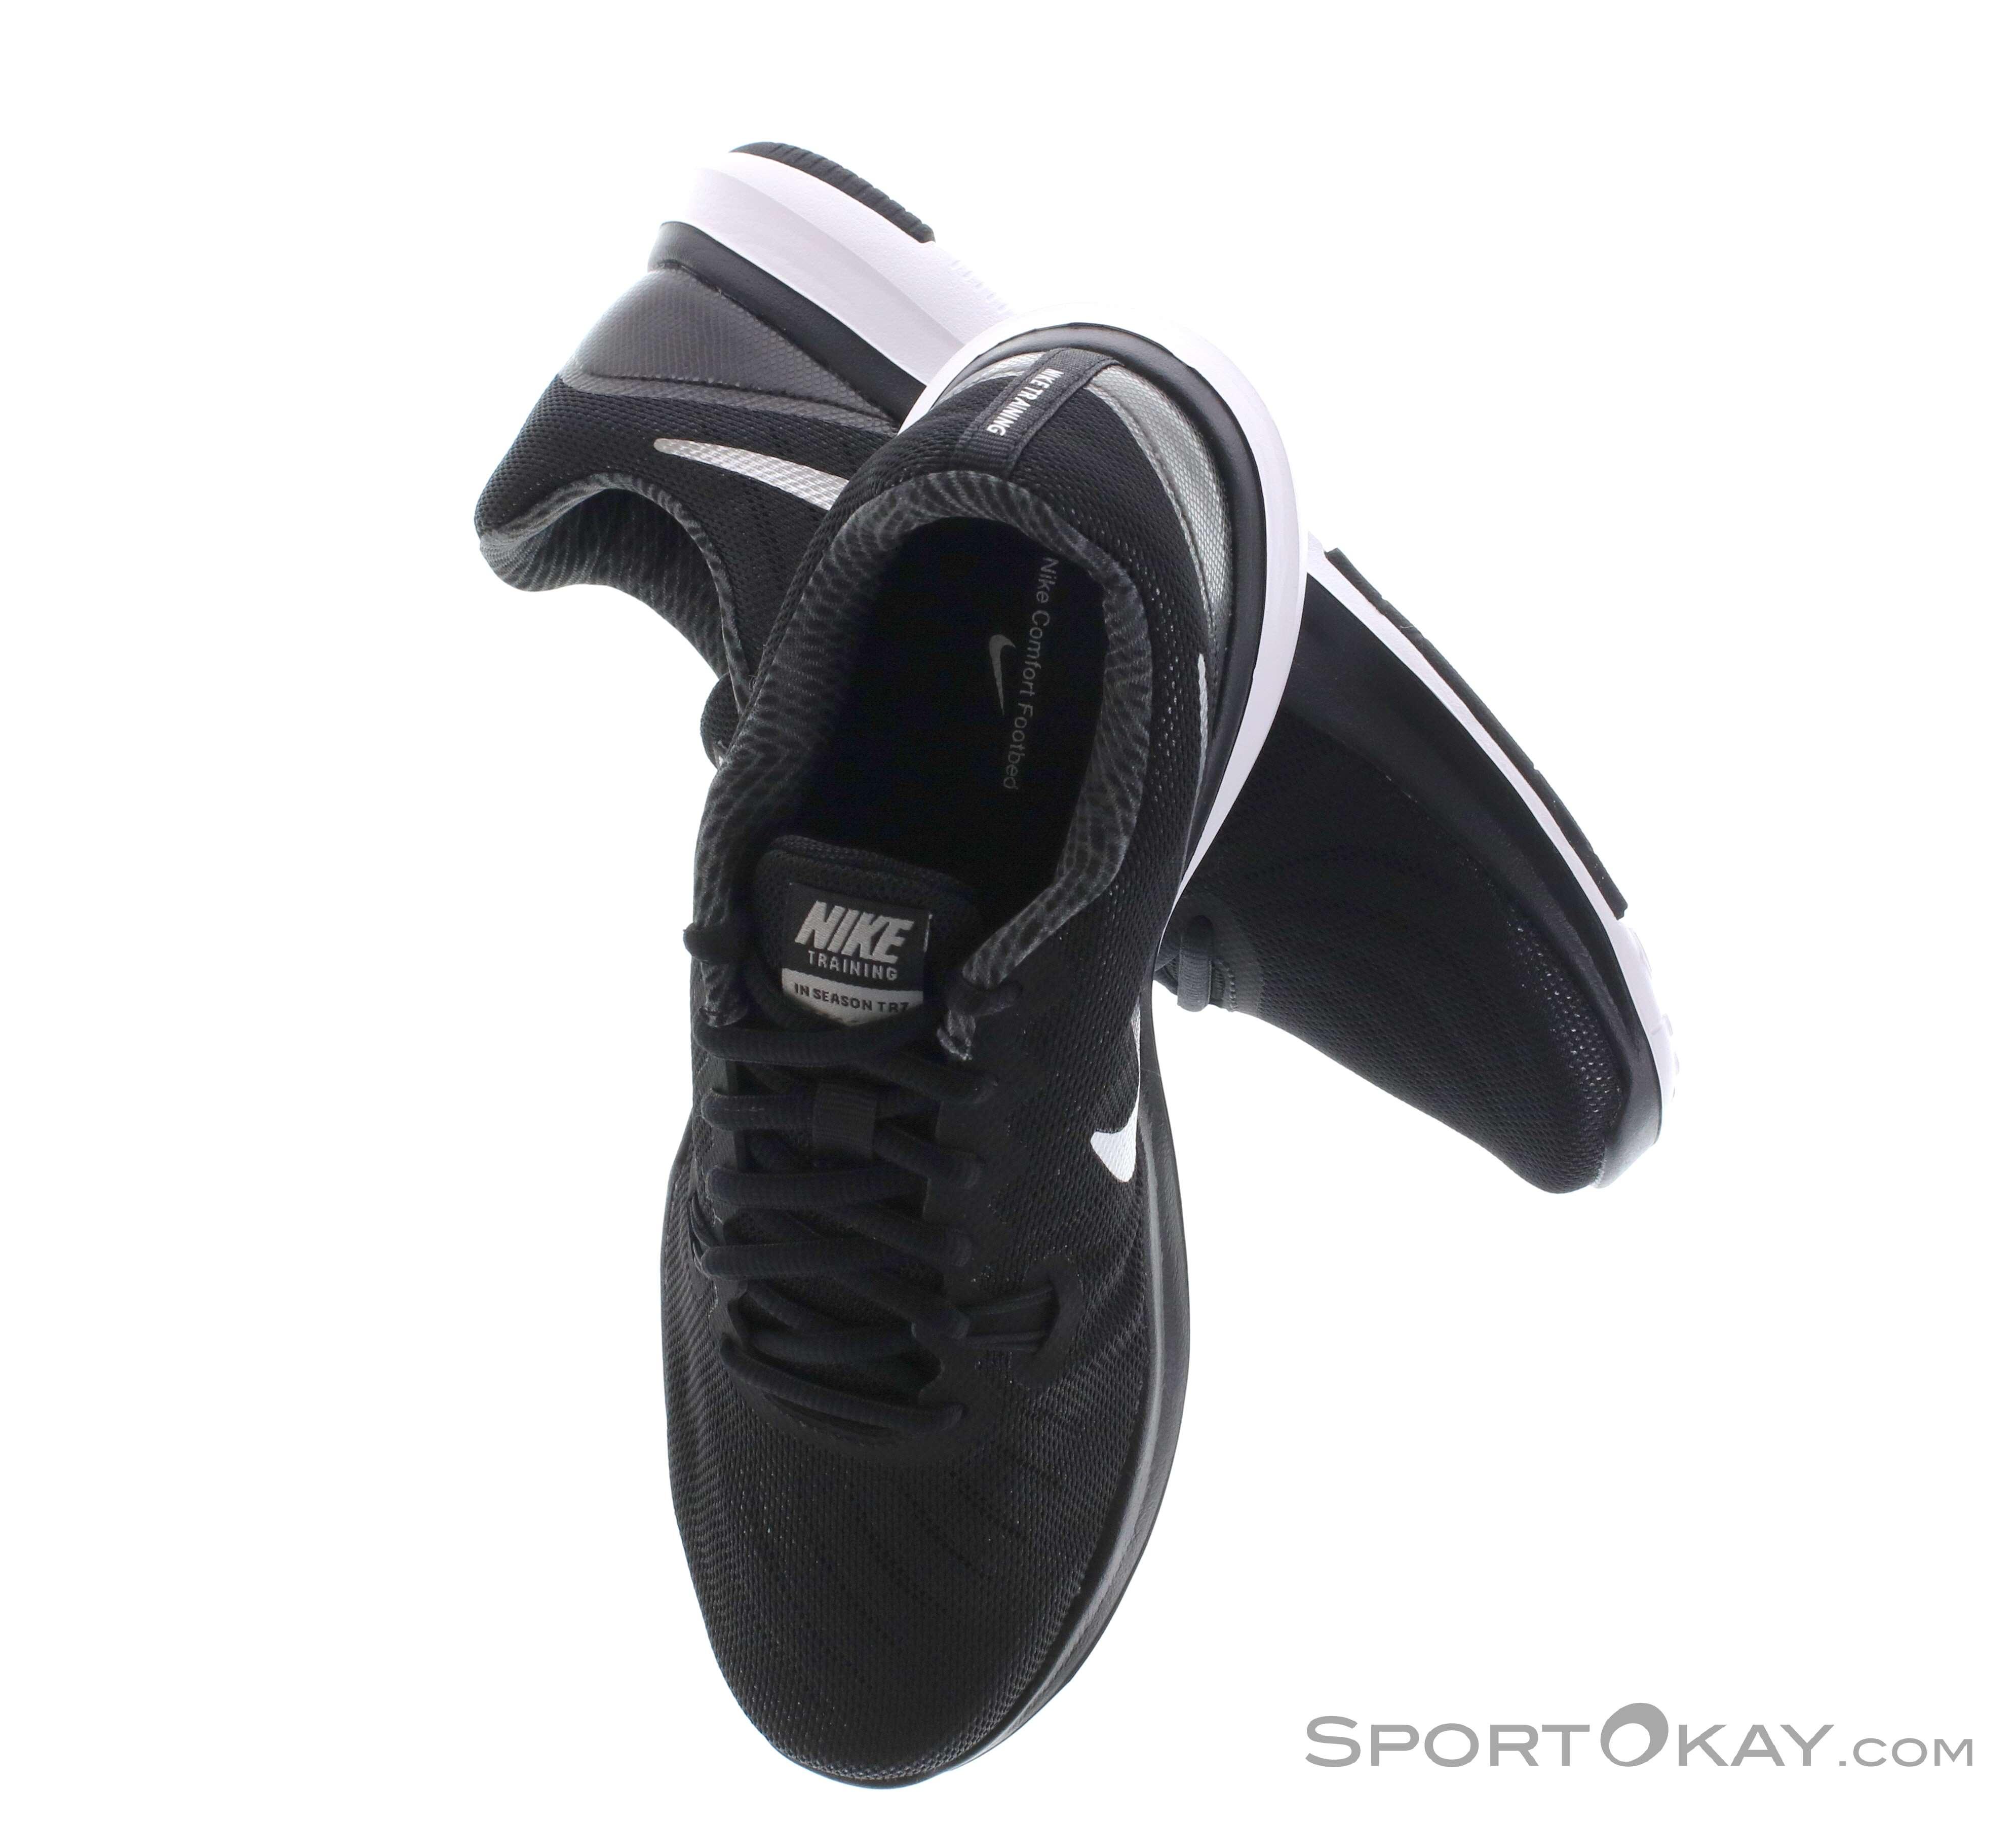 Nike Nike In Season Trainer Damen Fitnessschuhe